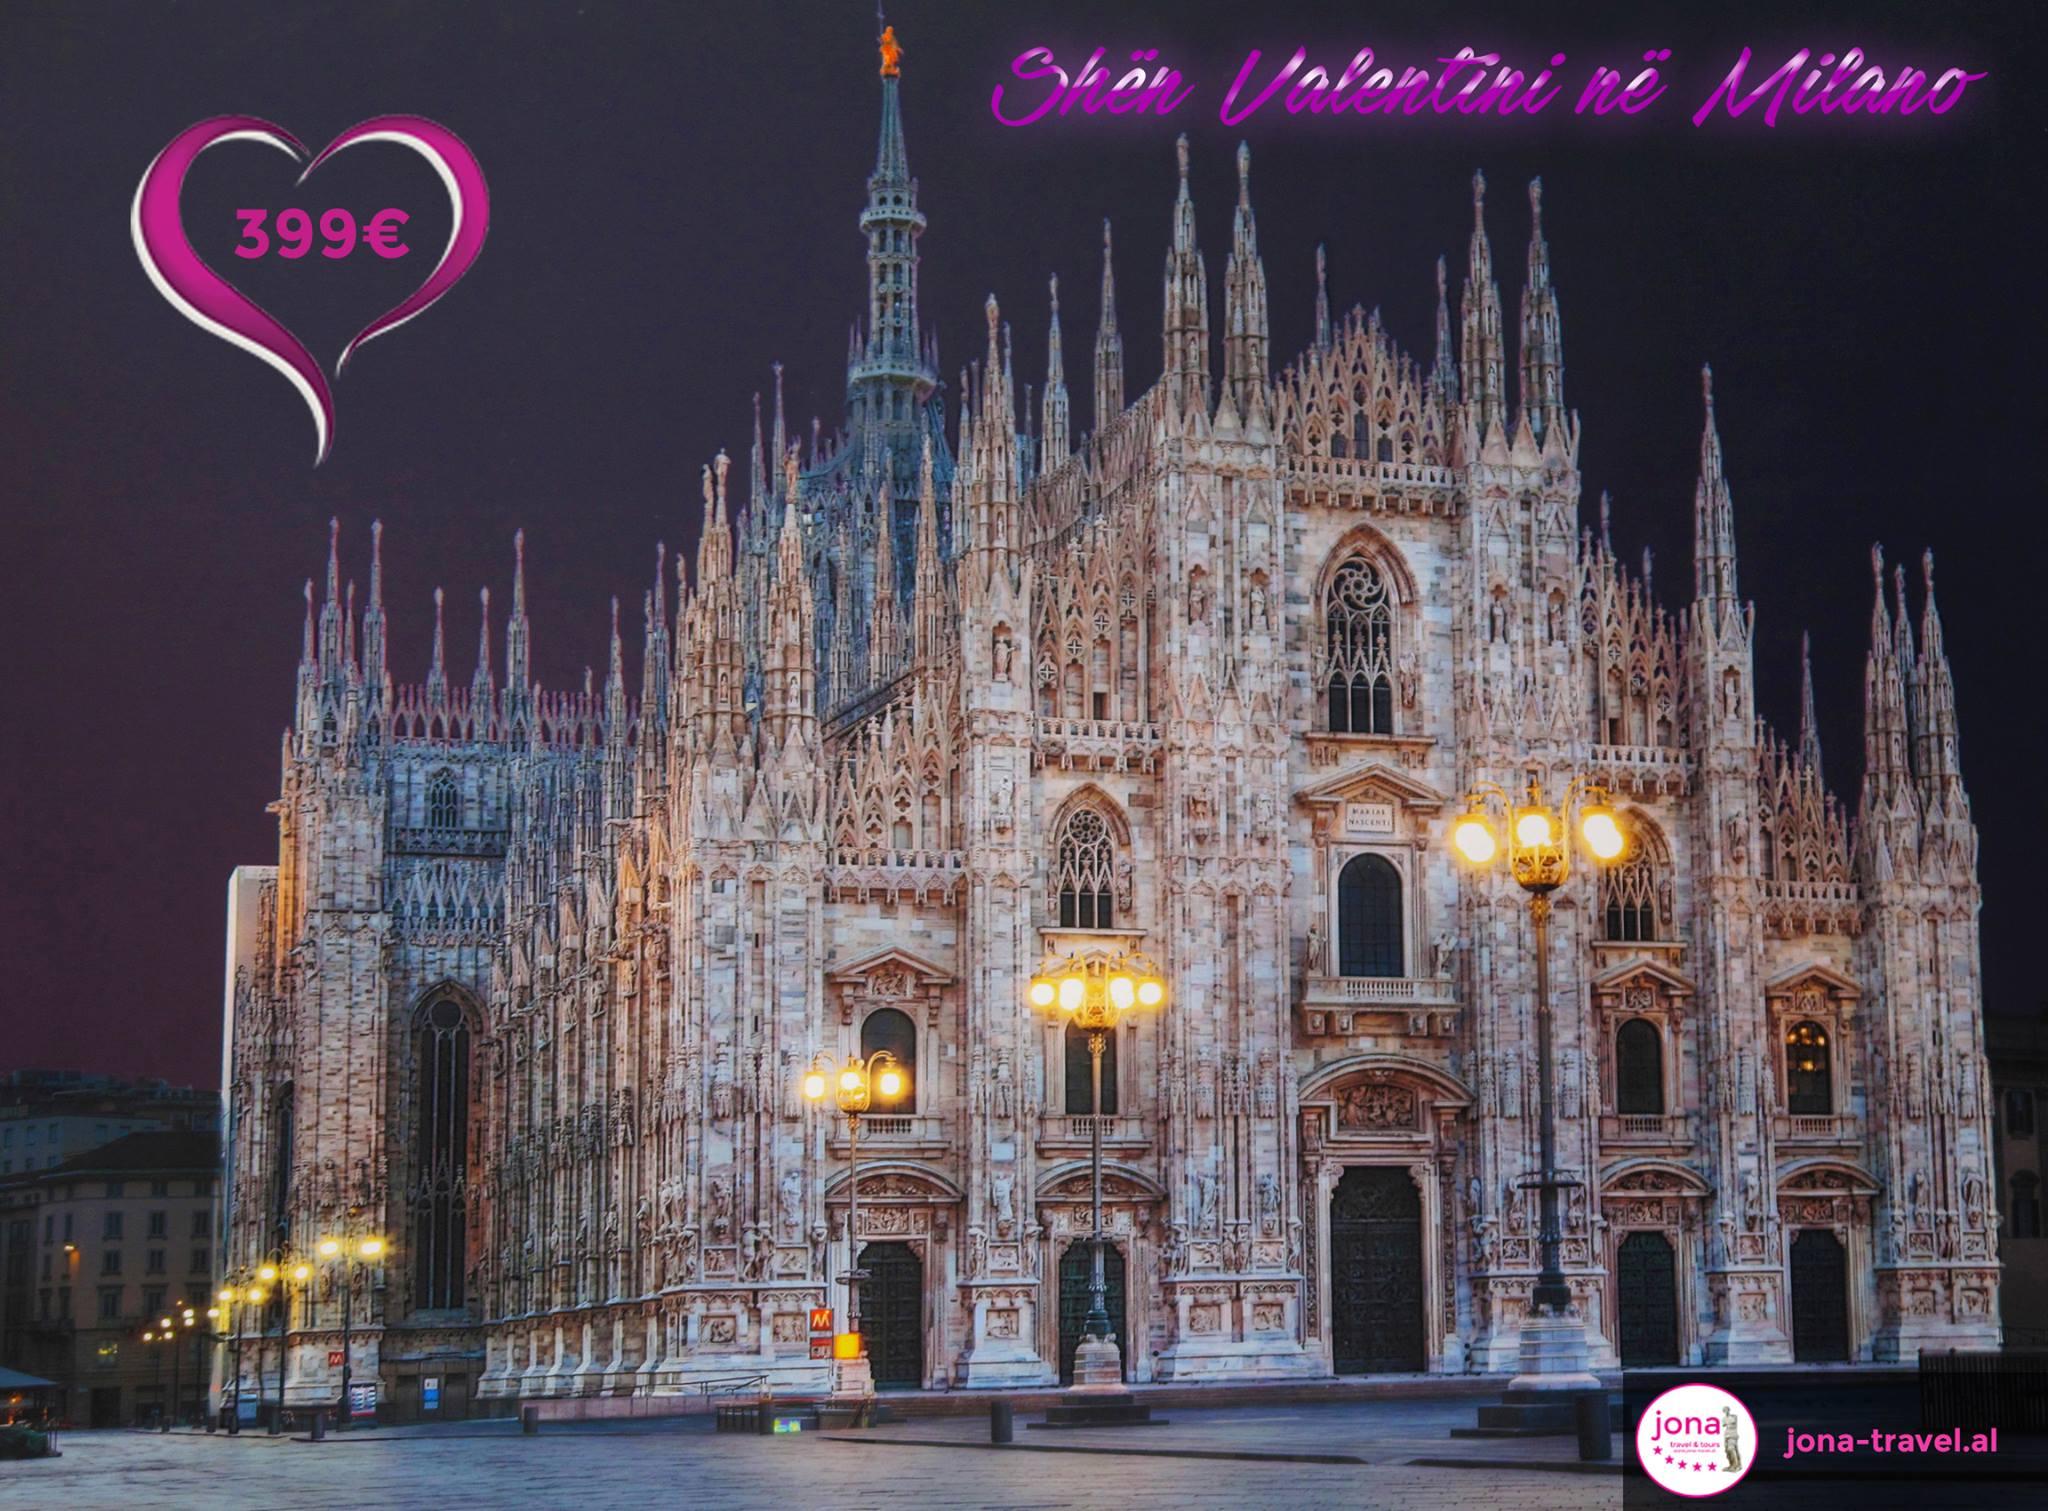 SHËN VALENTINI NË MILANO